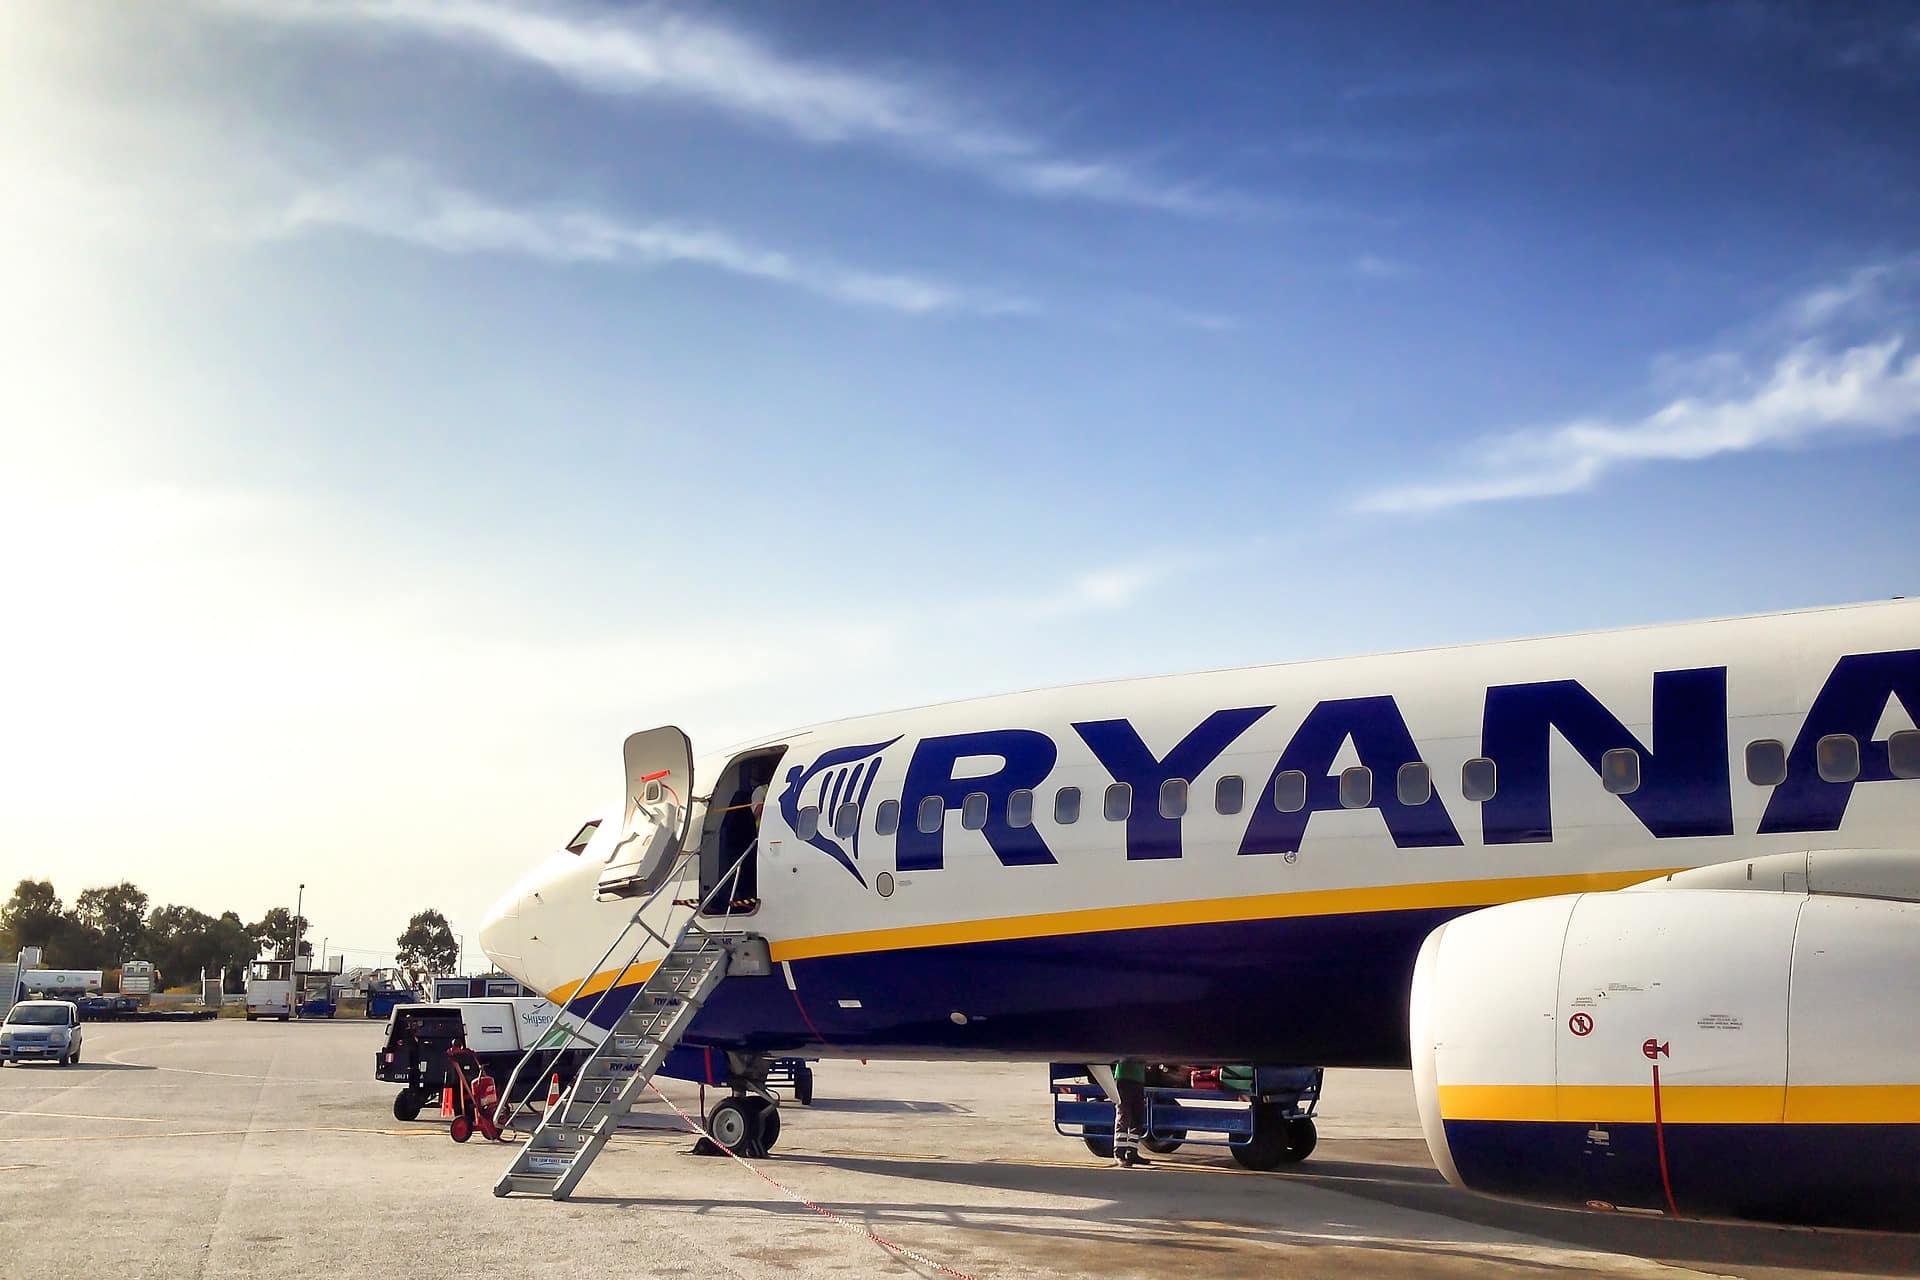 Vlieg goedkoop door Europa met Ryanair